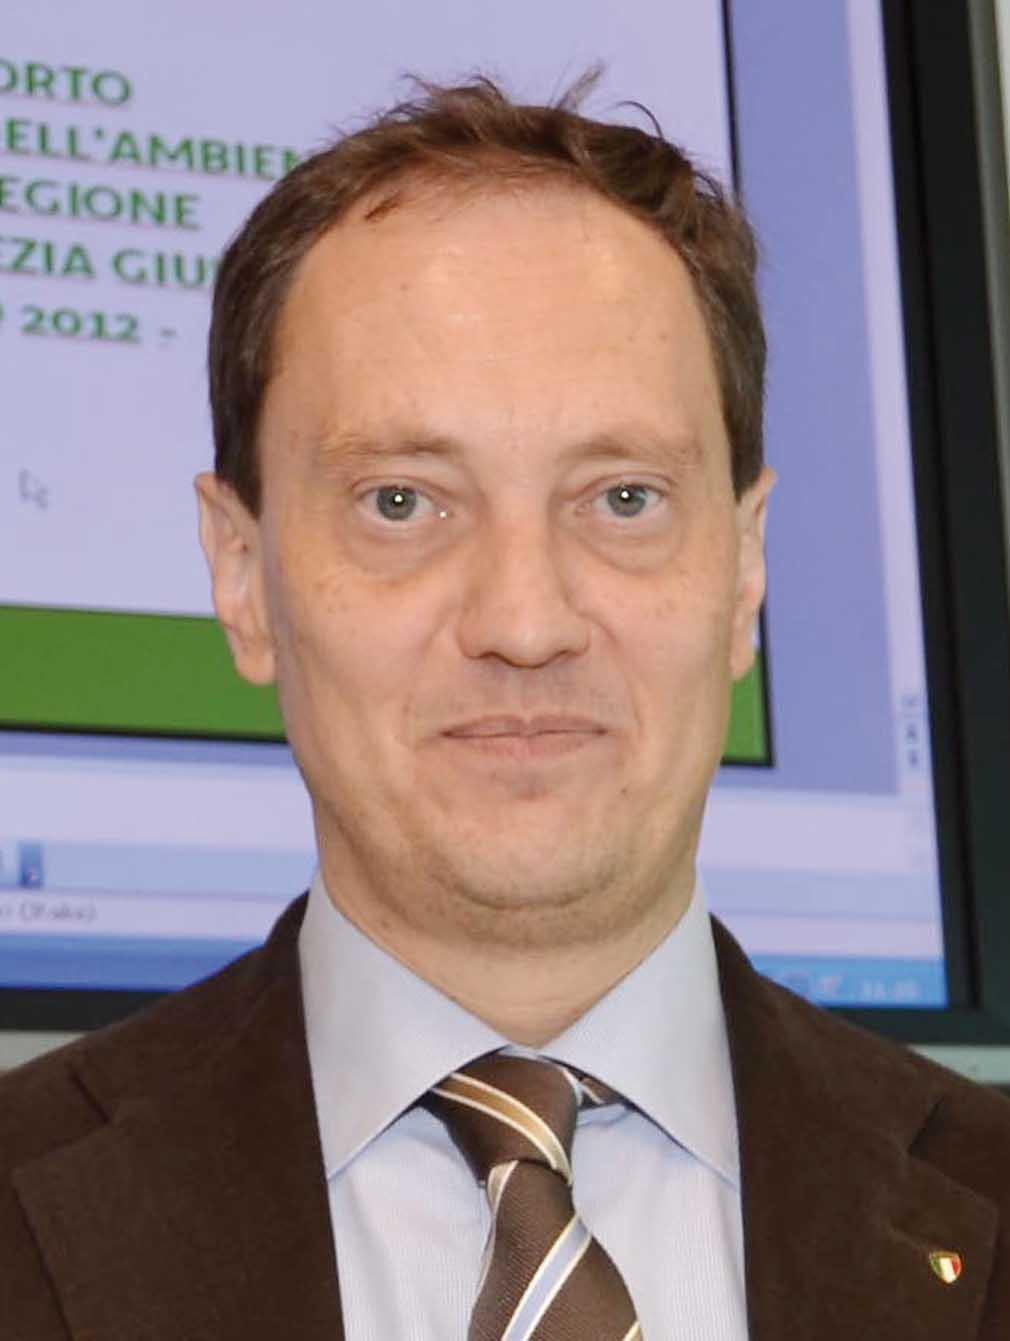 FVG vicepresidente Luca Ciriani 1